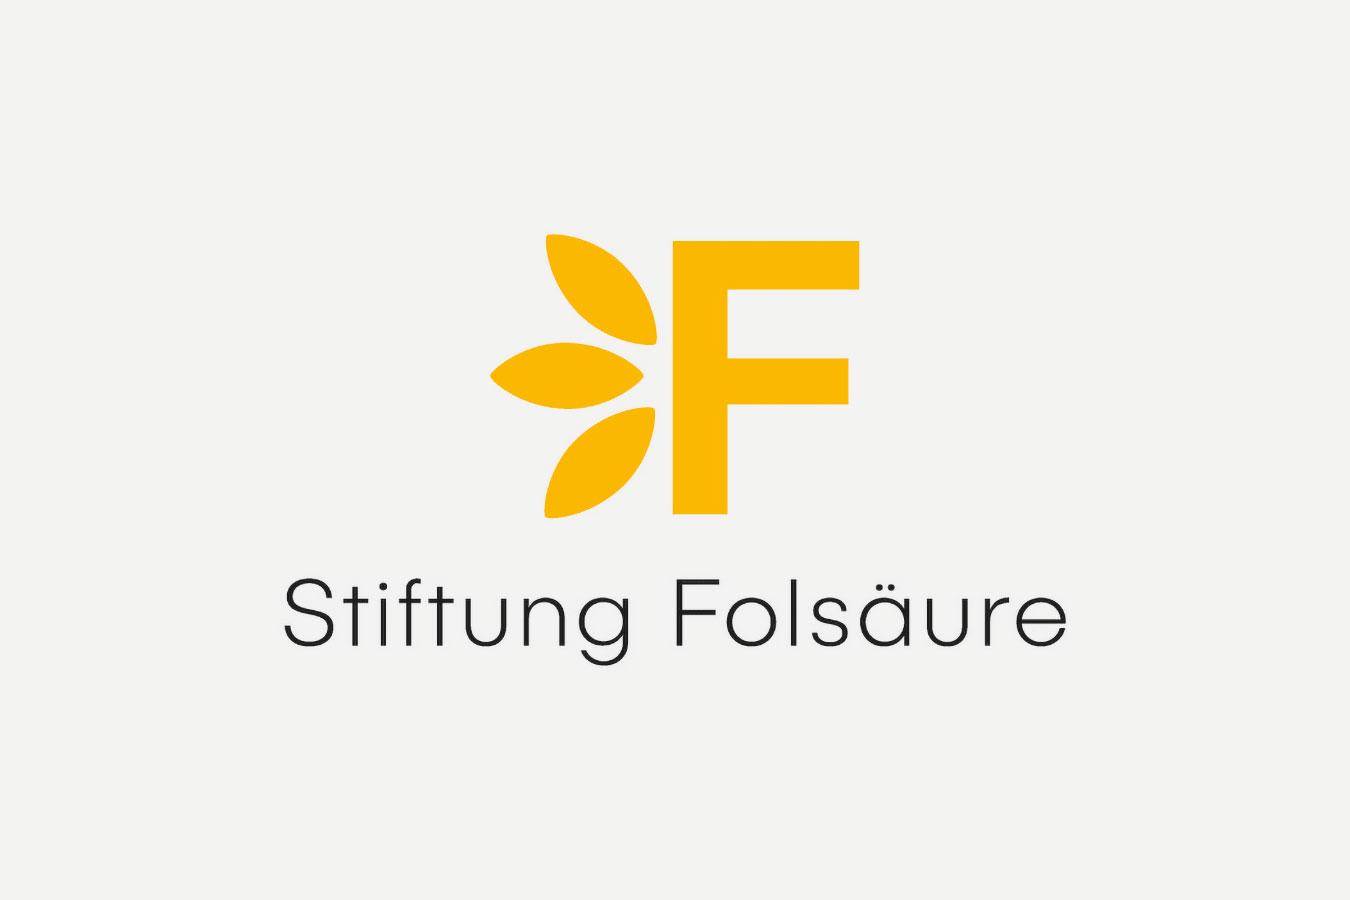 Stiftung Folsäure Logo Corporate Design